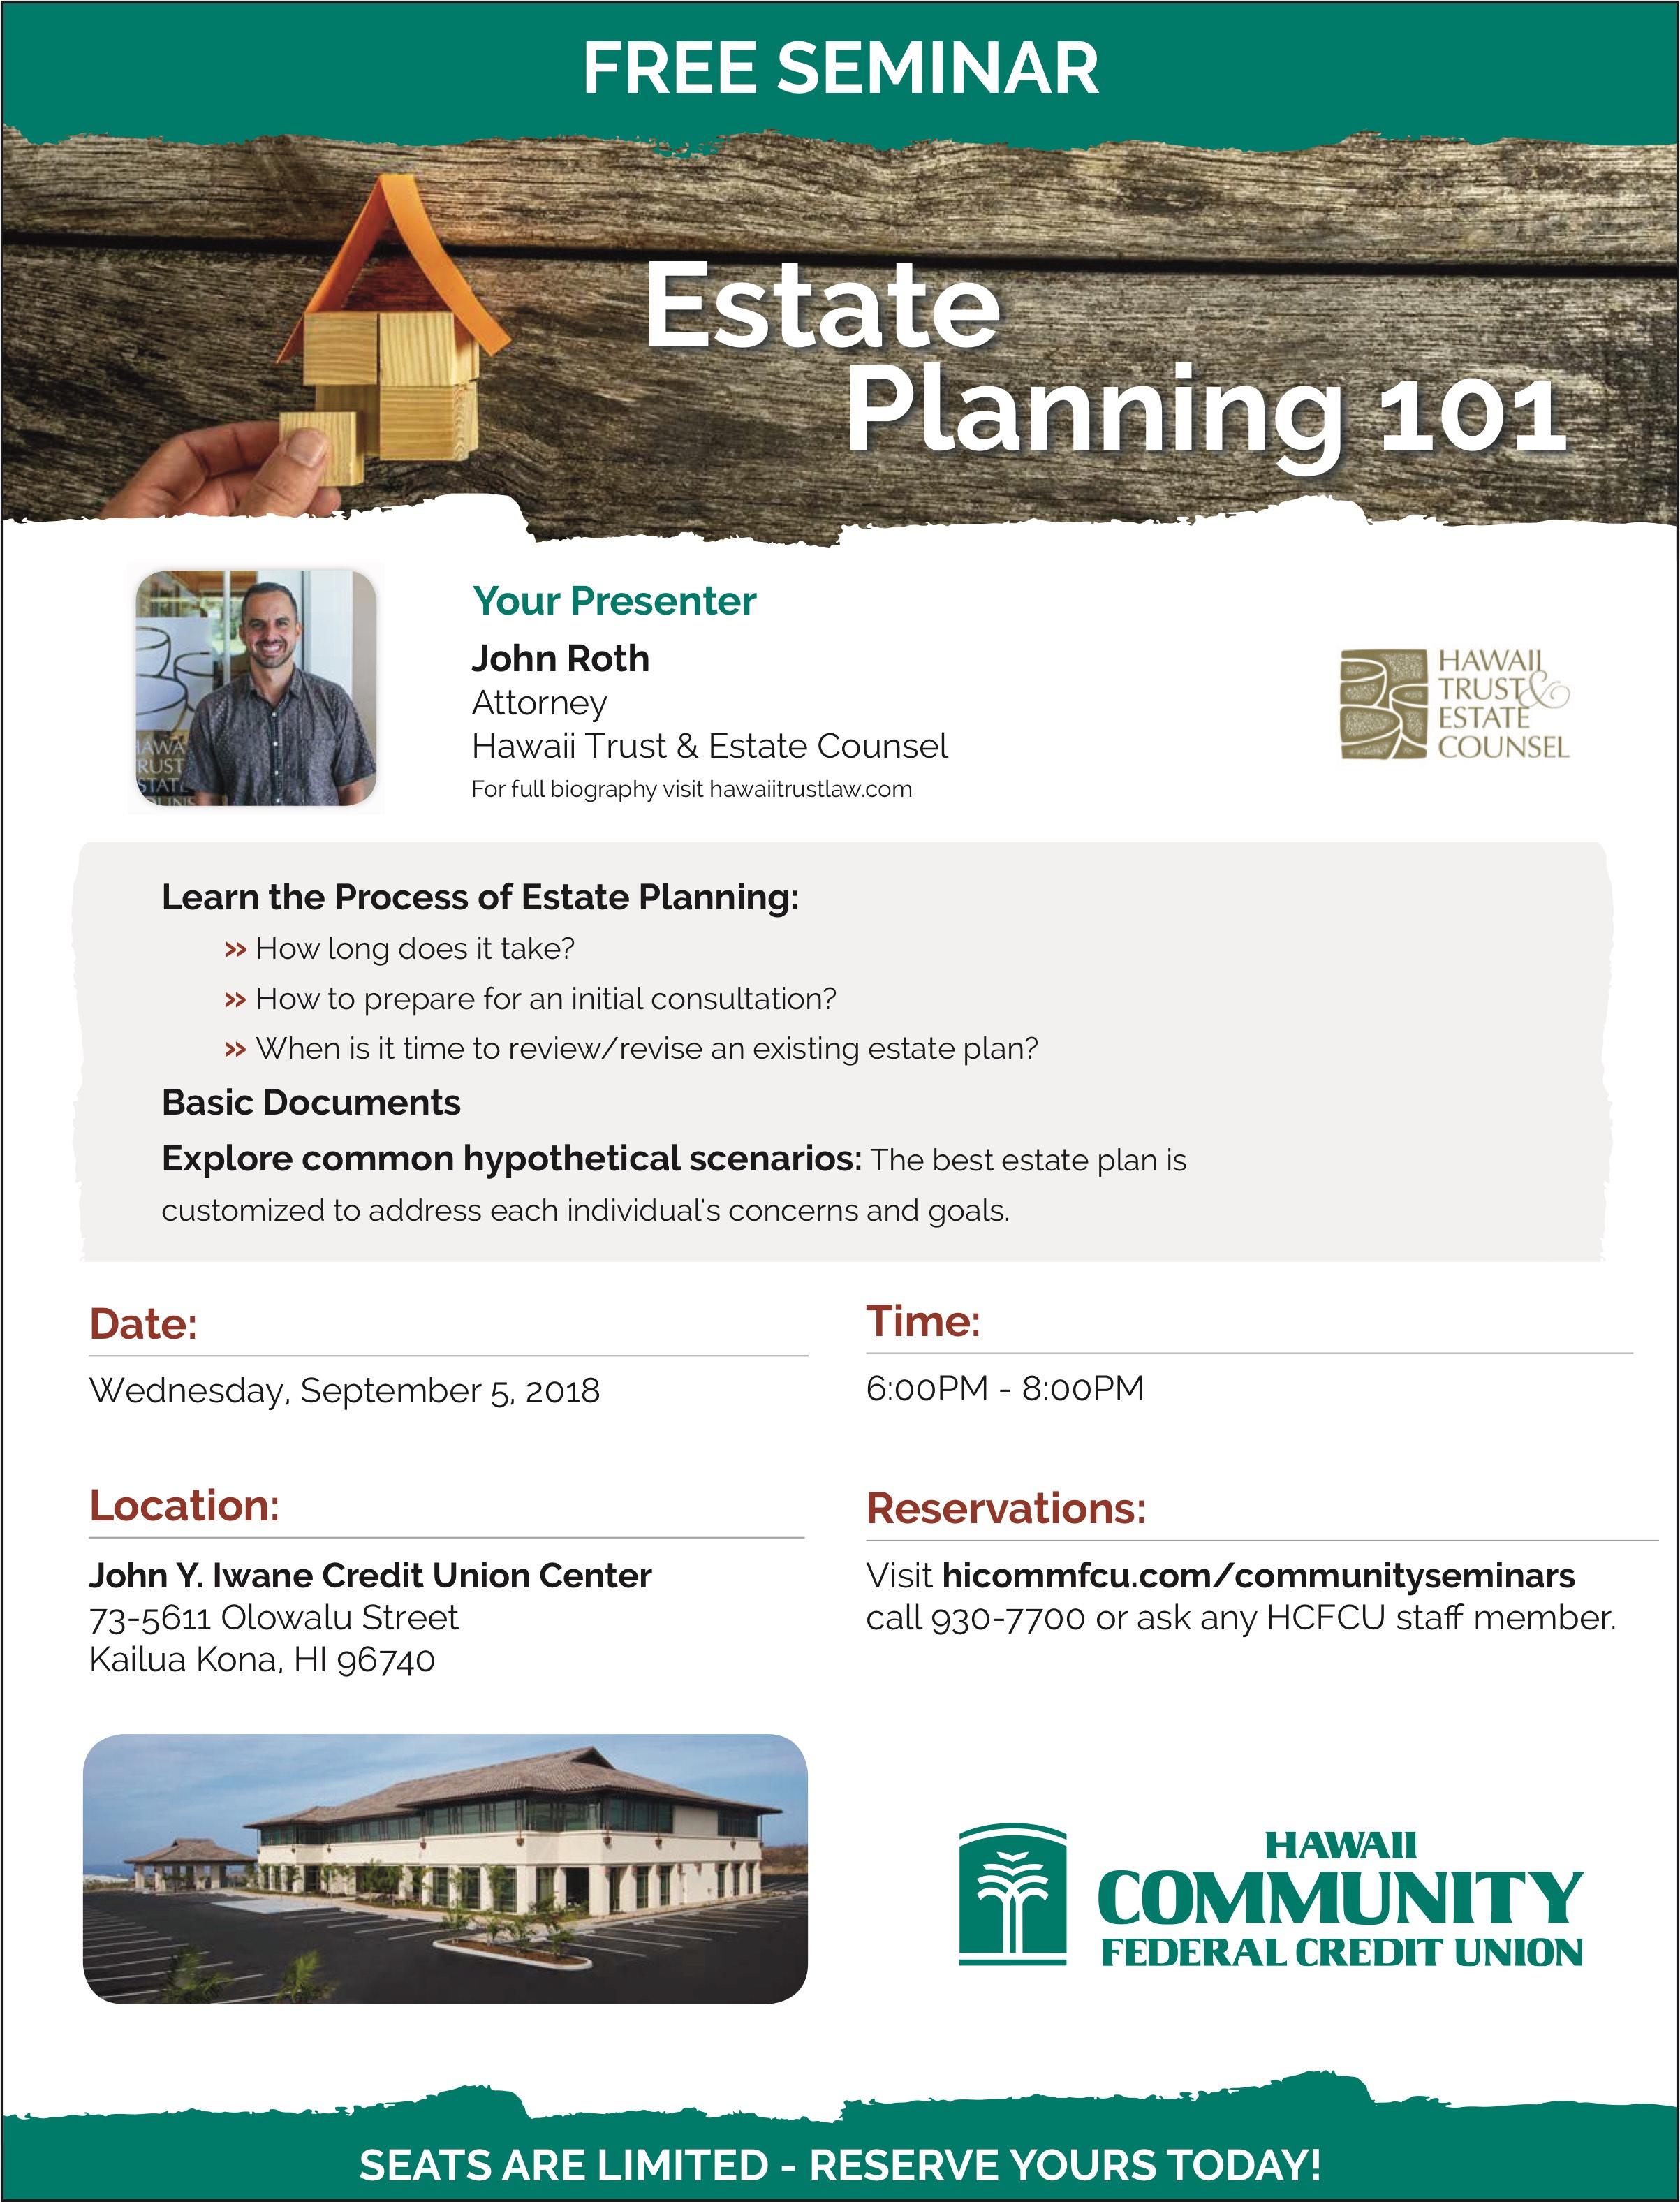 HCFCU_090518-EstatePlanning-Kaloko-John-Roth.jpg